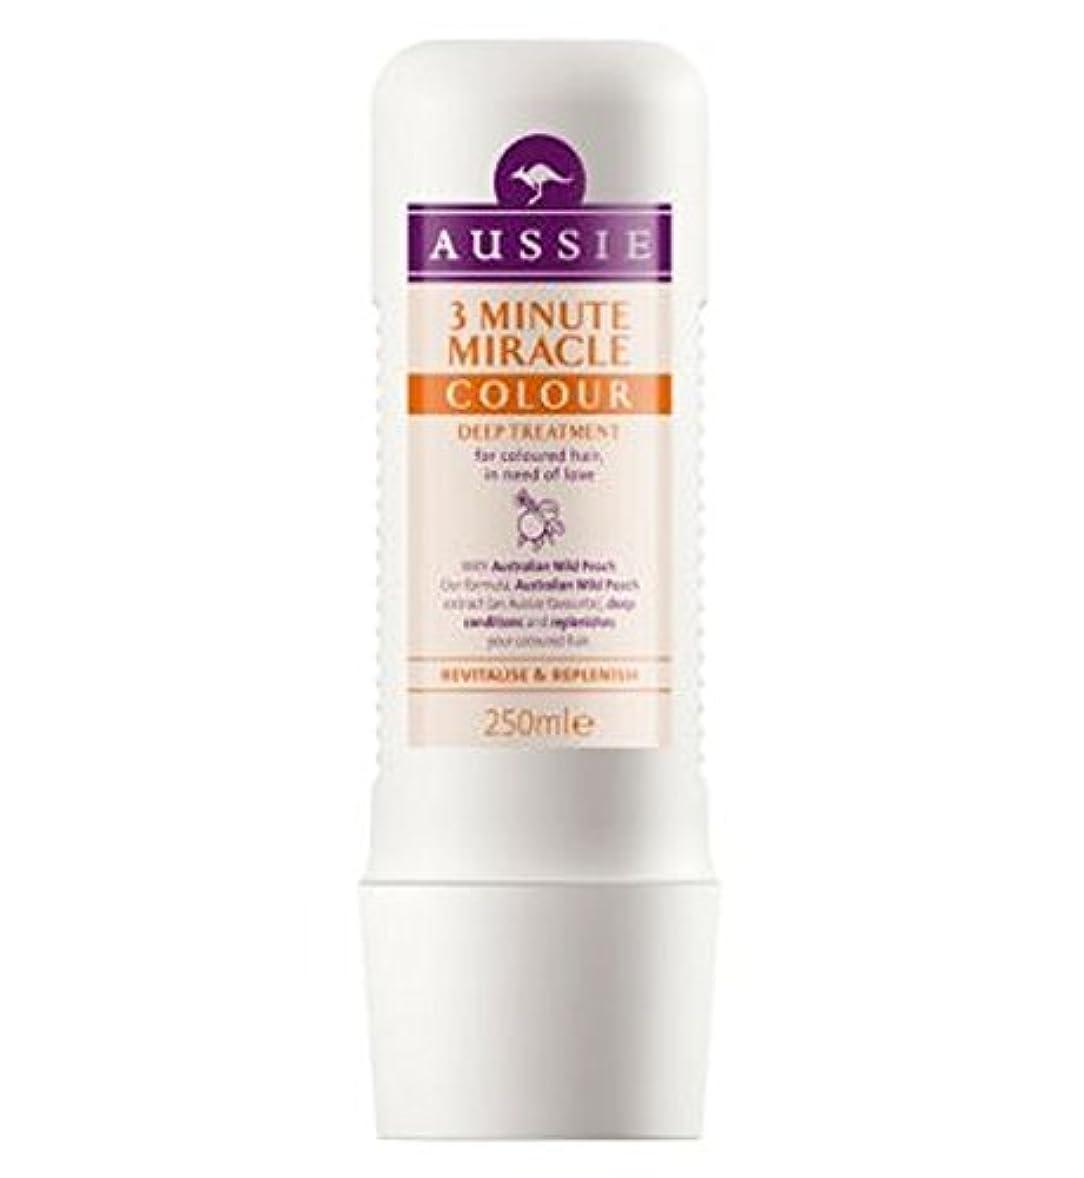 オージー3分の奇跡色の深い処理250ミリリットル (Aussie) (x2) - Aussie 3 Minute Miracle Colour Deep Treatment 250ml (Pack of 2) [並行輸入品]